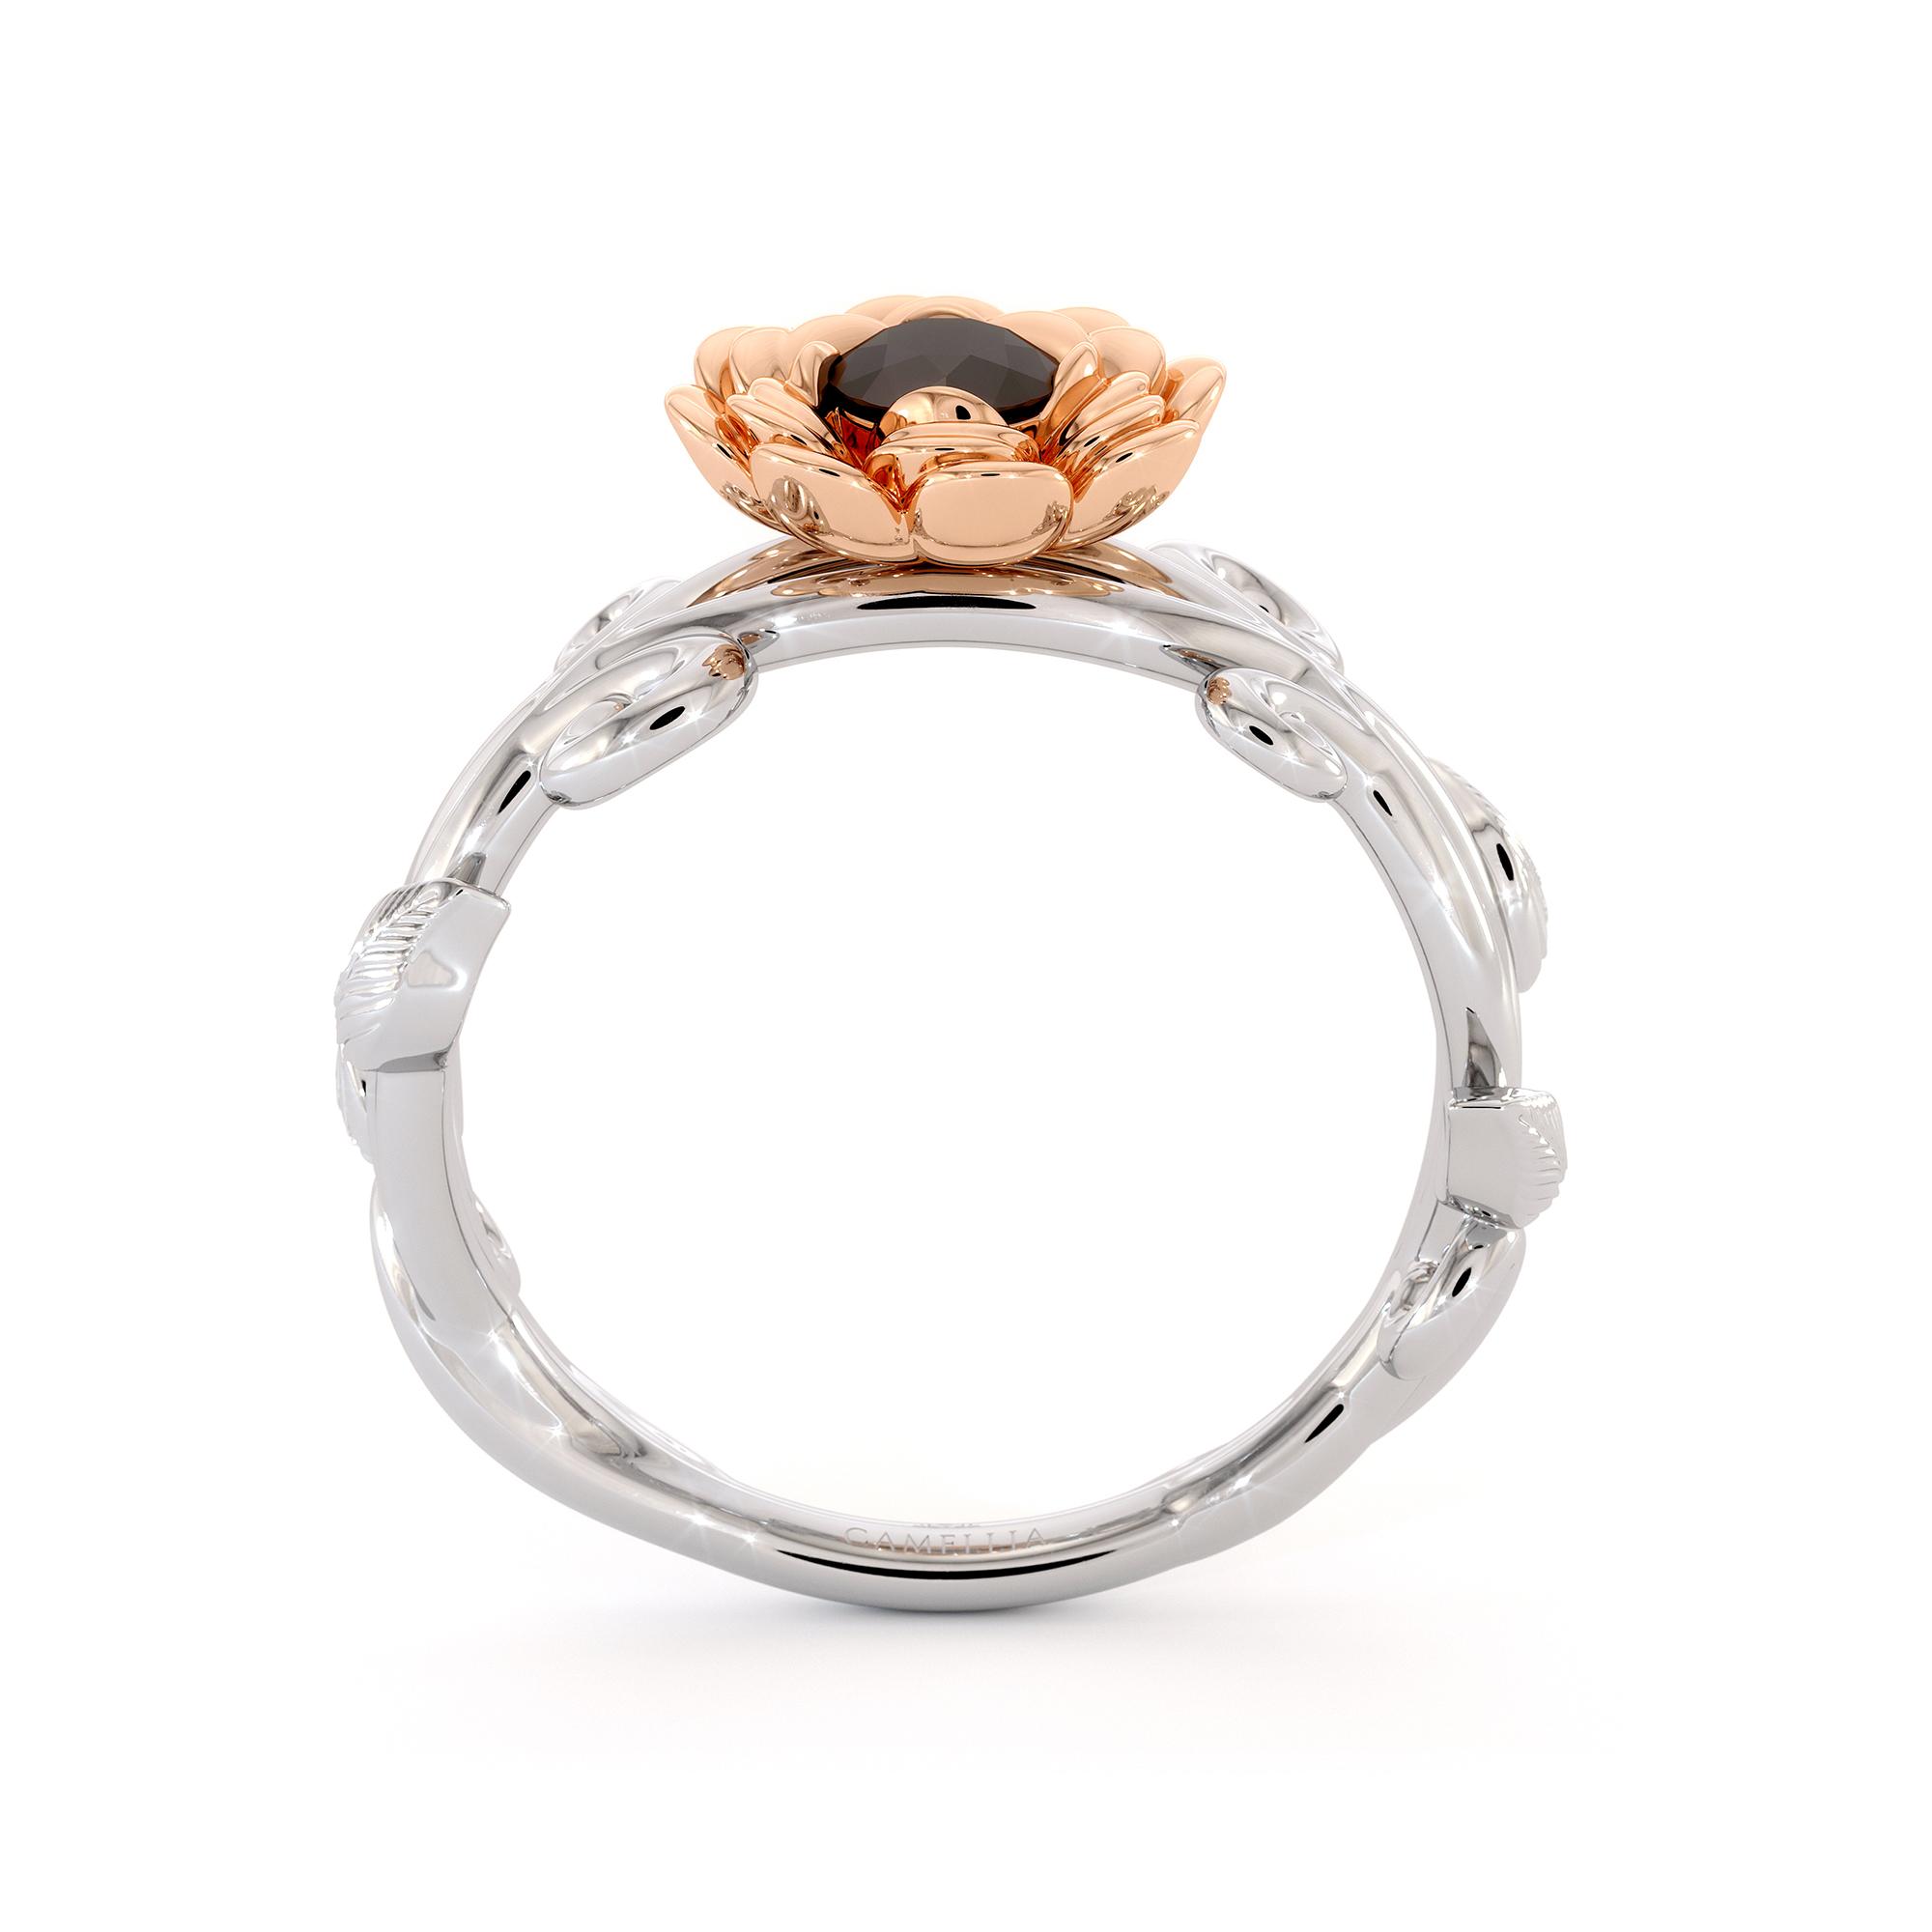 Flower Black Diamond Engagement Ring Leaves Ring Floral Engagement Ring 2 Tone Gold Ring Nature Ring